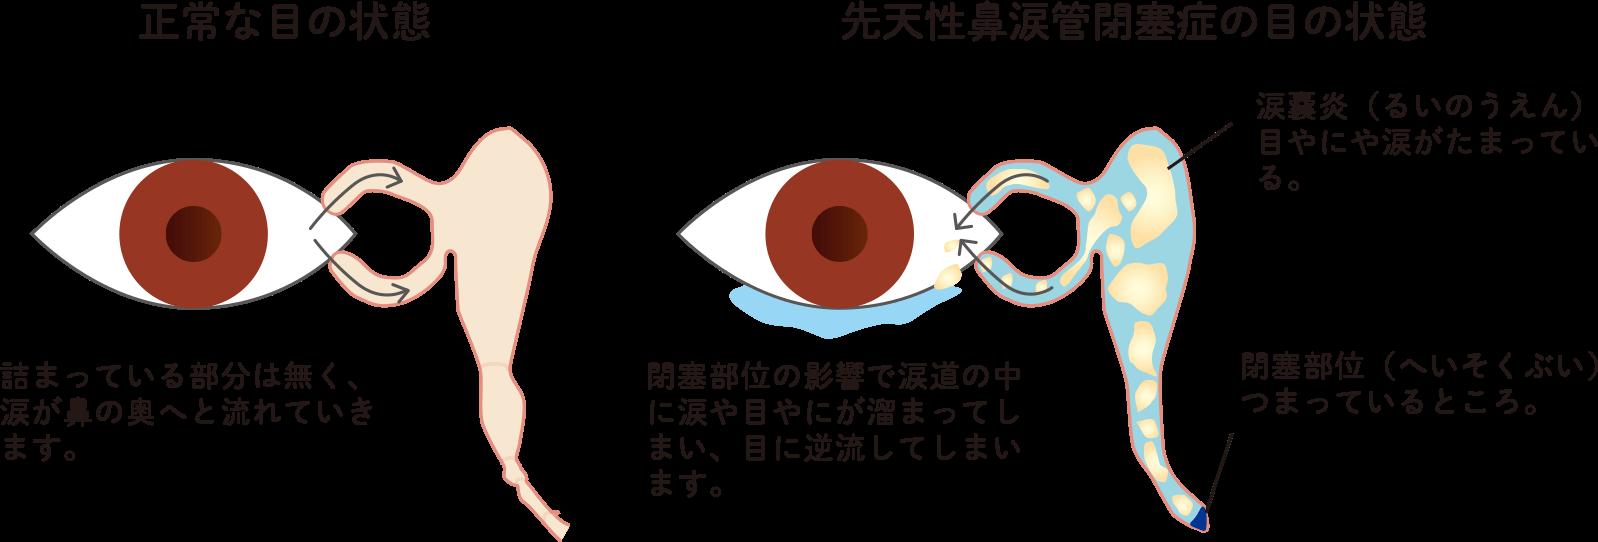 先天性鼻涙管閉塞症